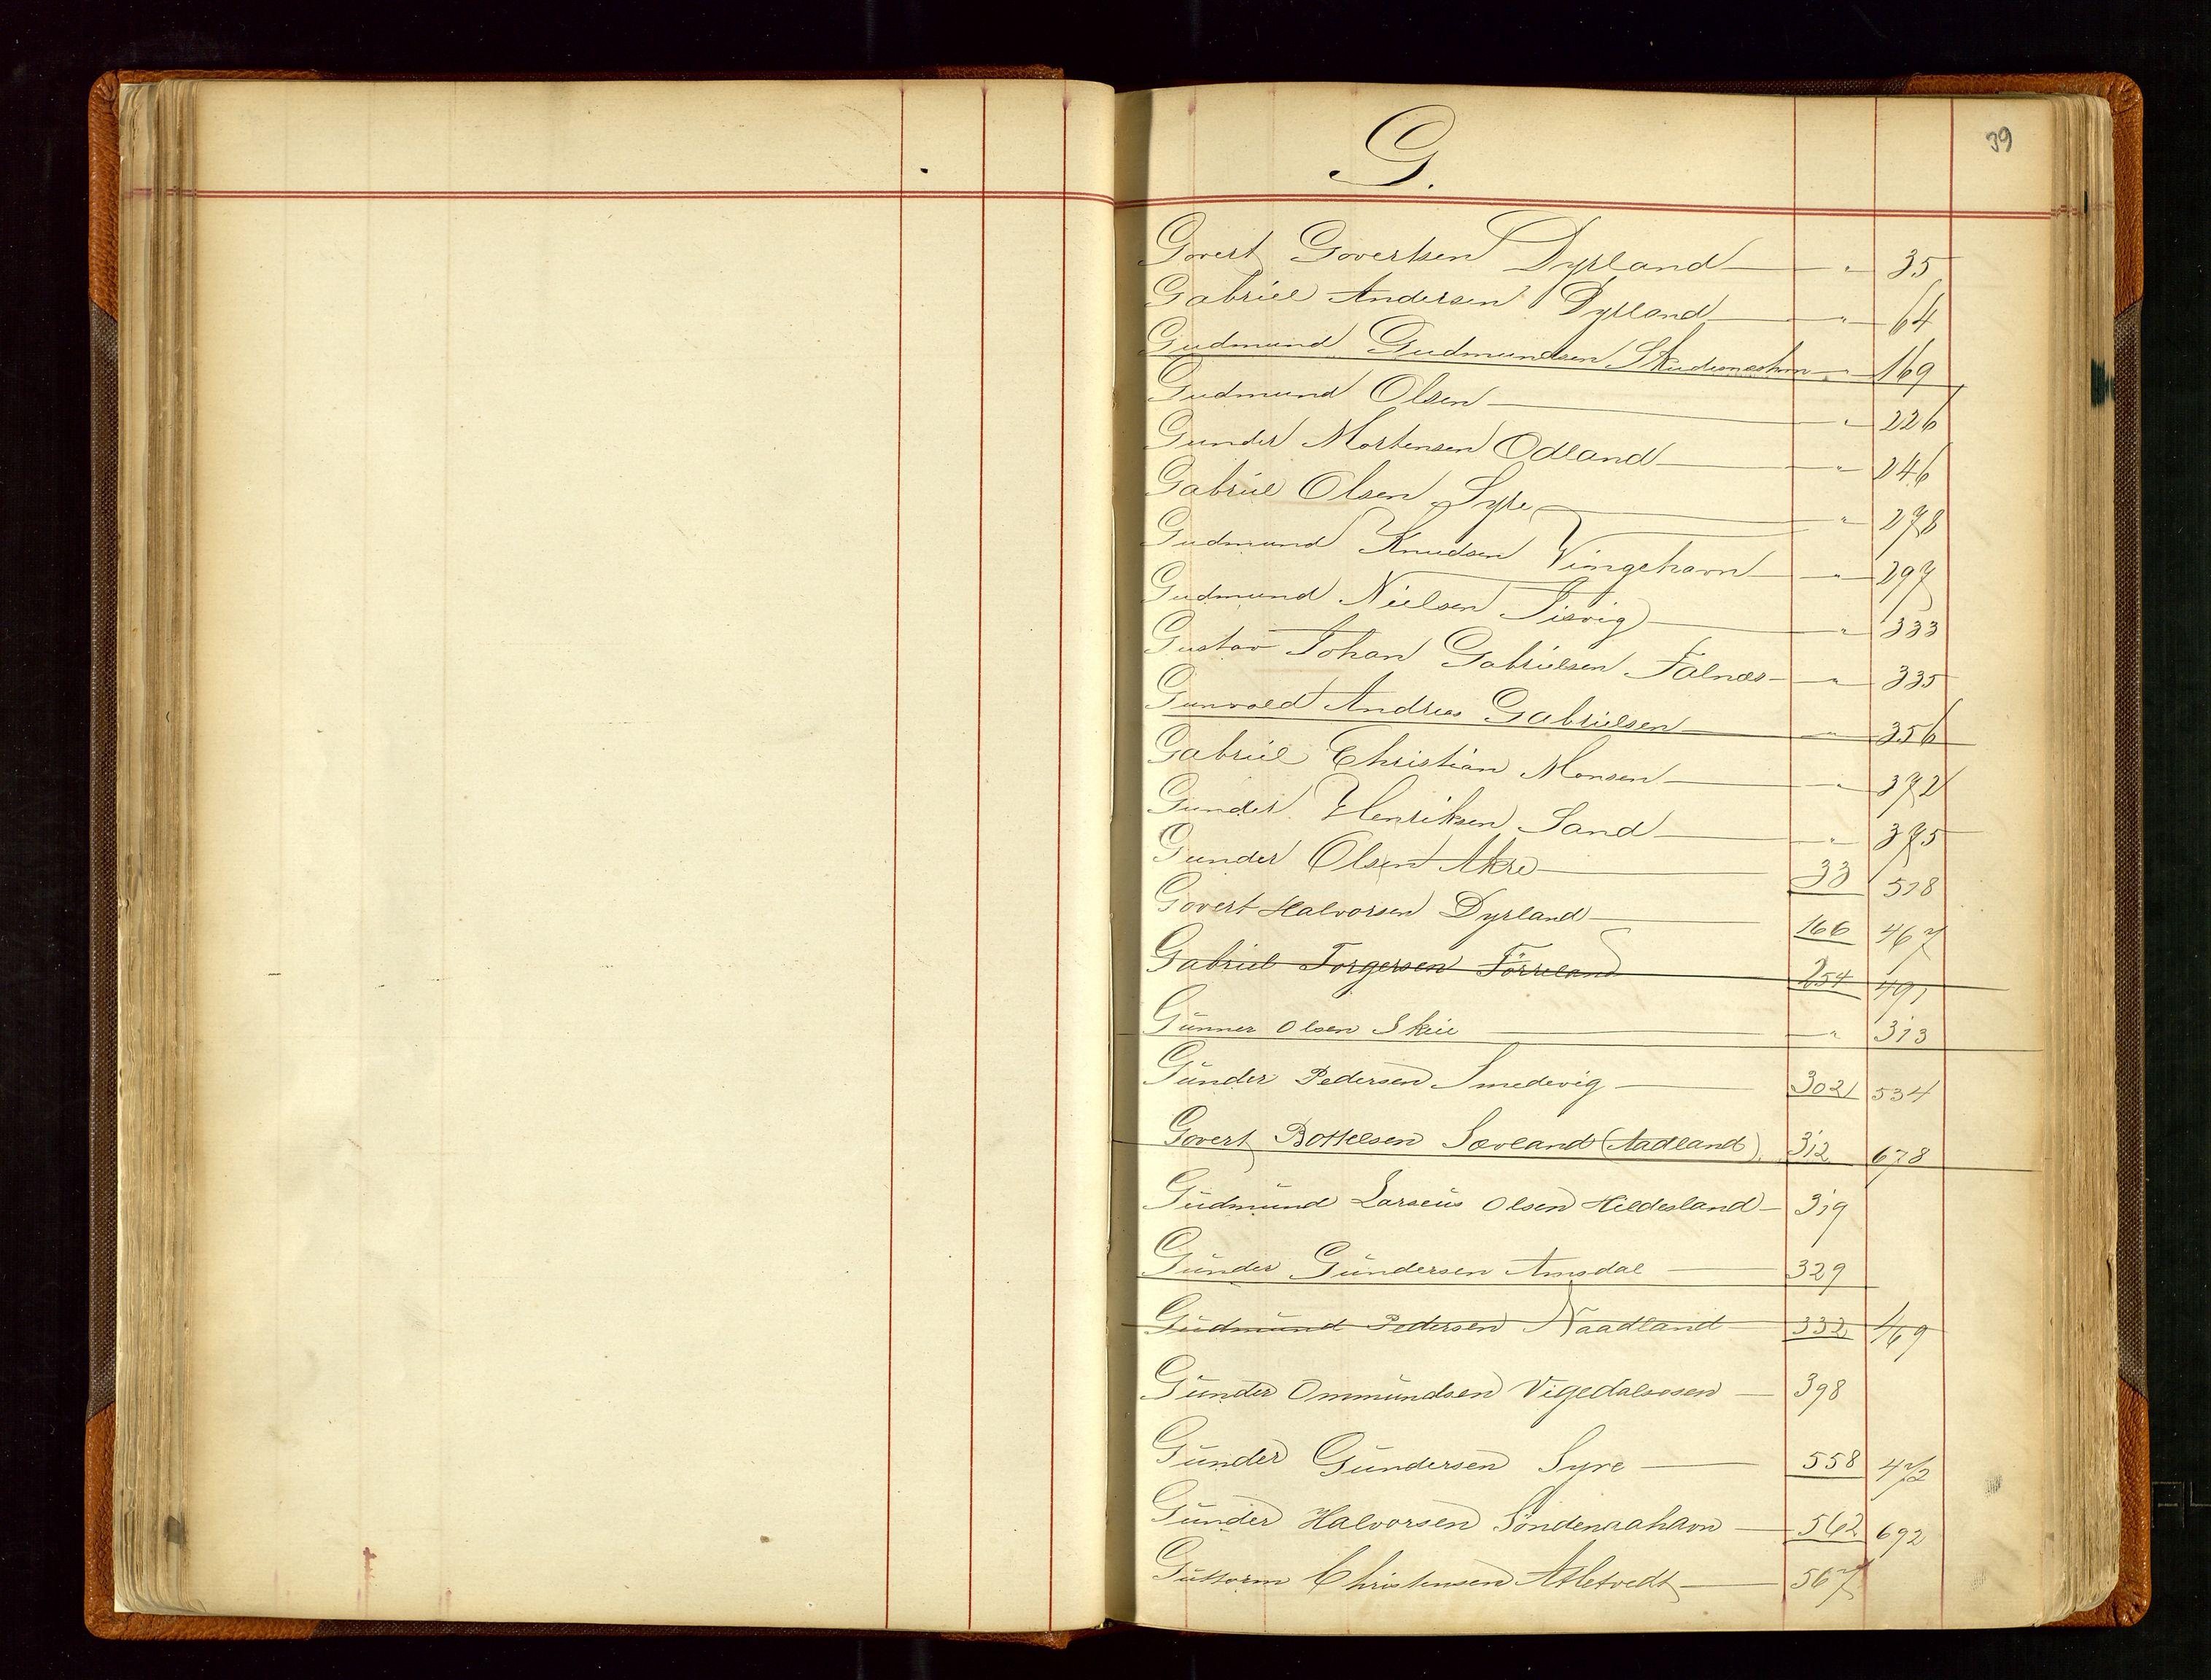 SAST, Haugesund sjømannskontor, F/Fb/Fba/L0001: Navneregister med henvisning til rullenr (Fornavn) Skudenes krets, 1860-1948, s. 39